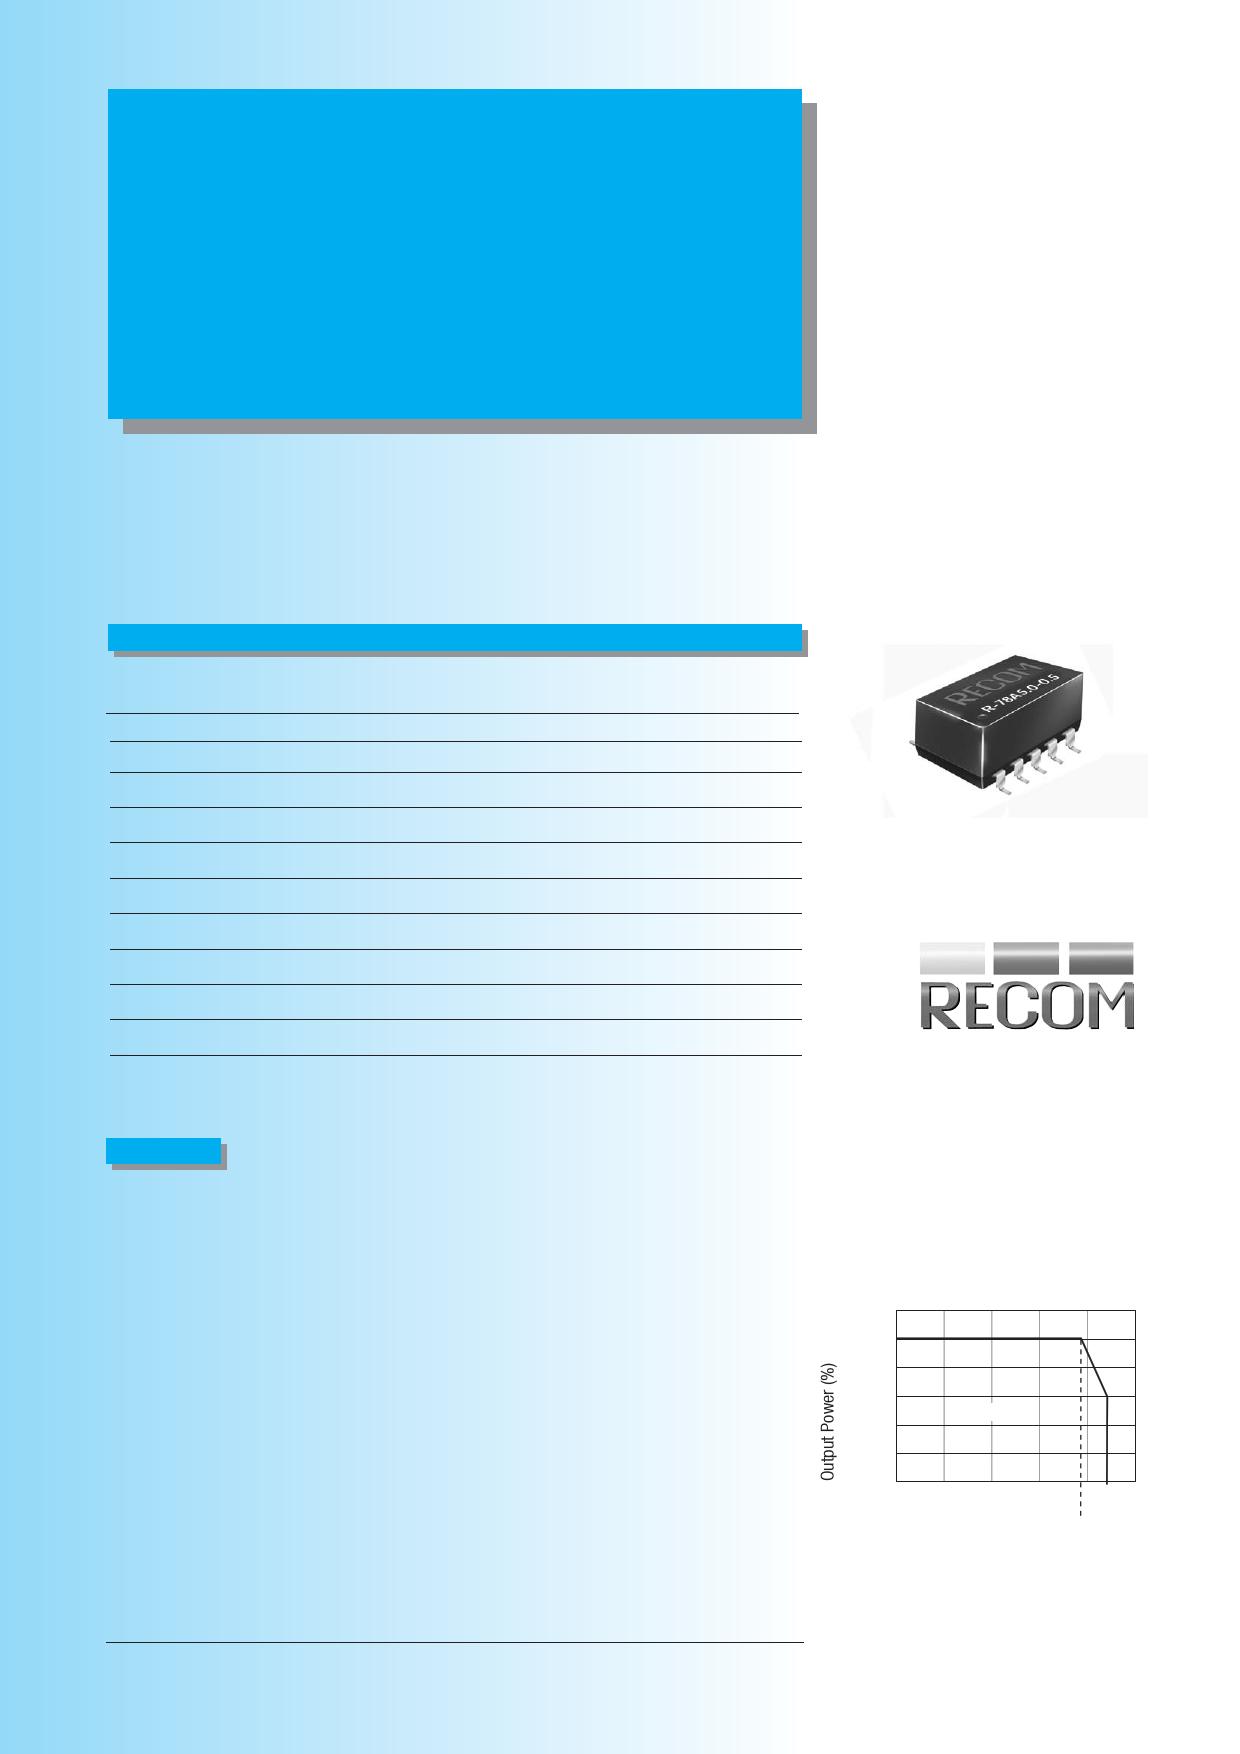 R-78Axx-0.5SMD Даташит, Описание, Даташиты